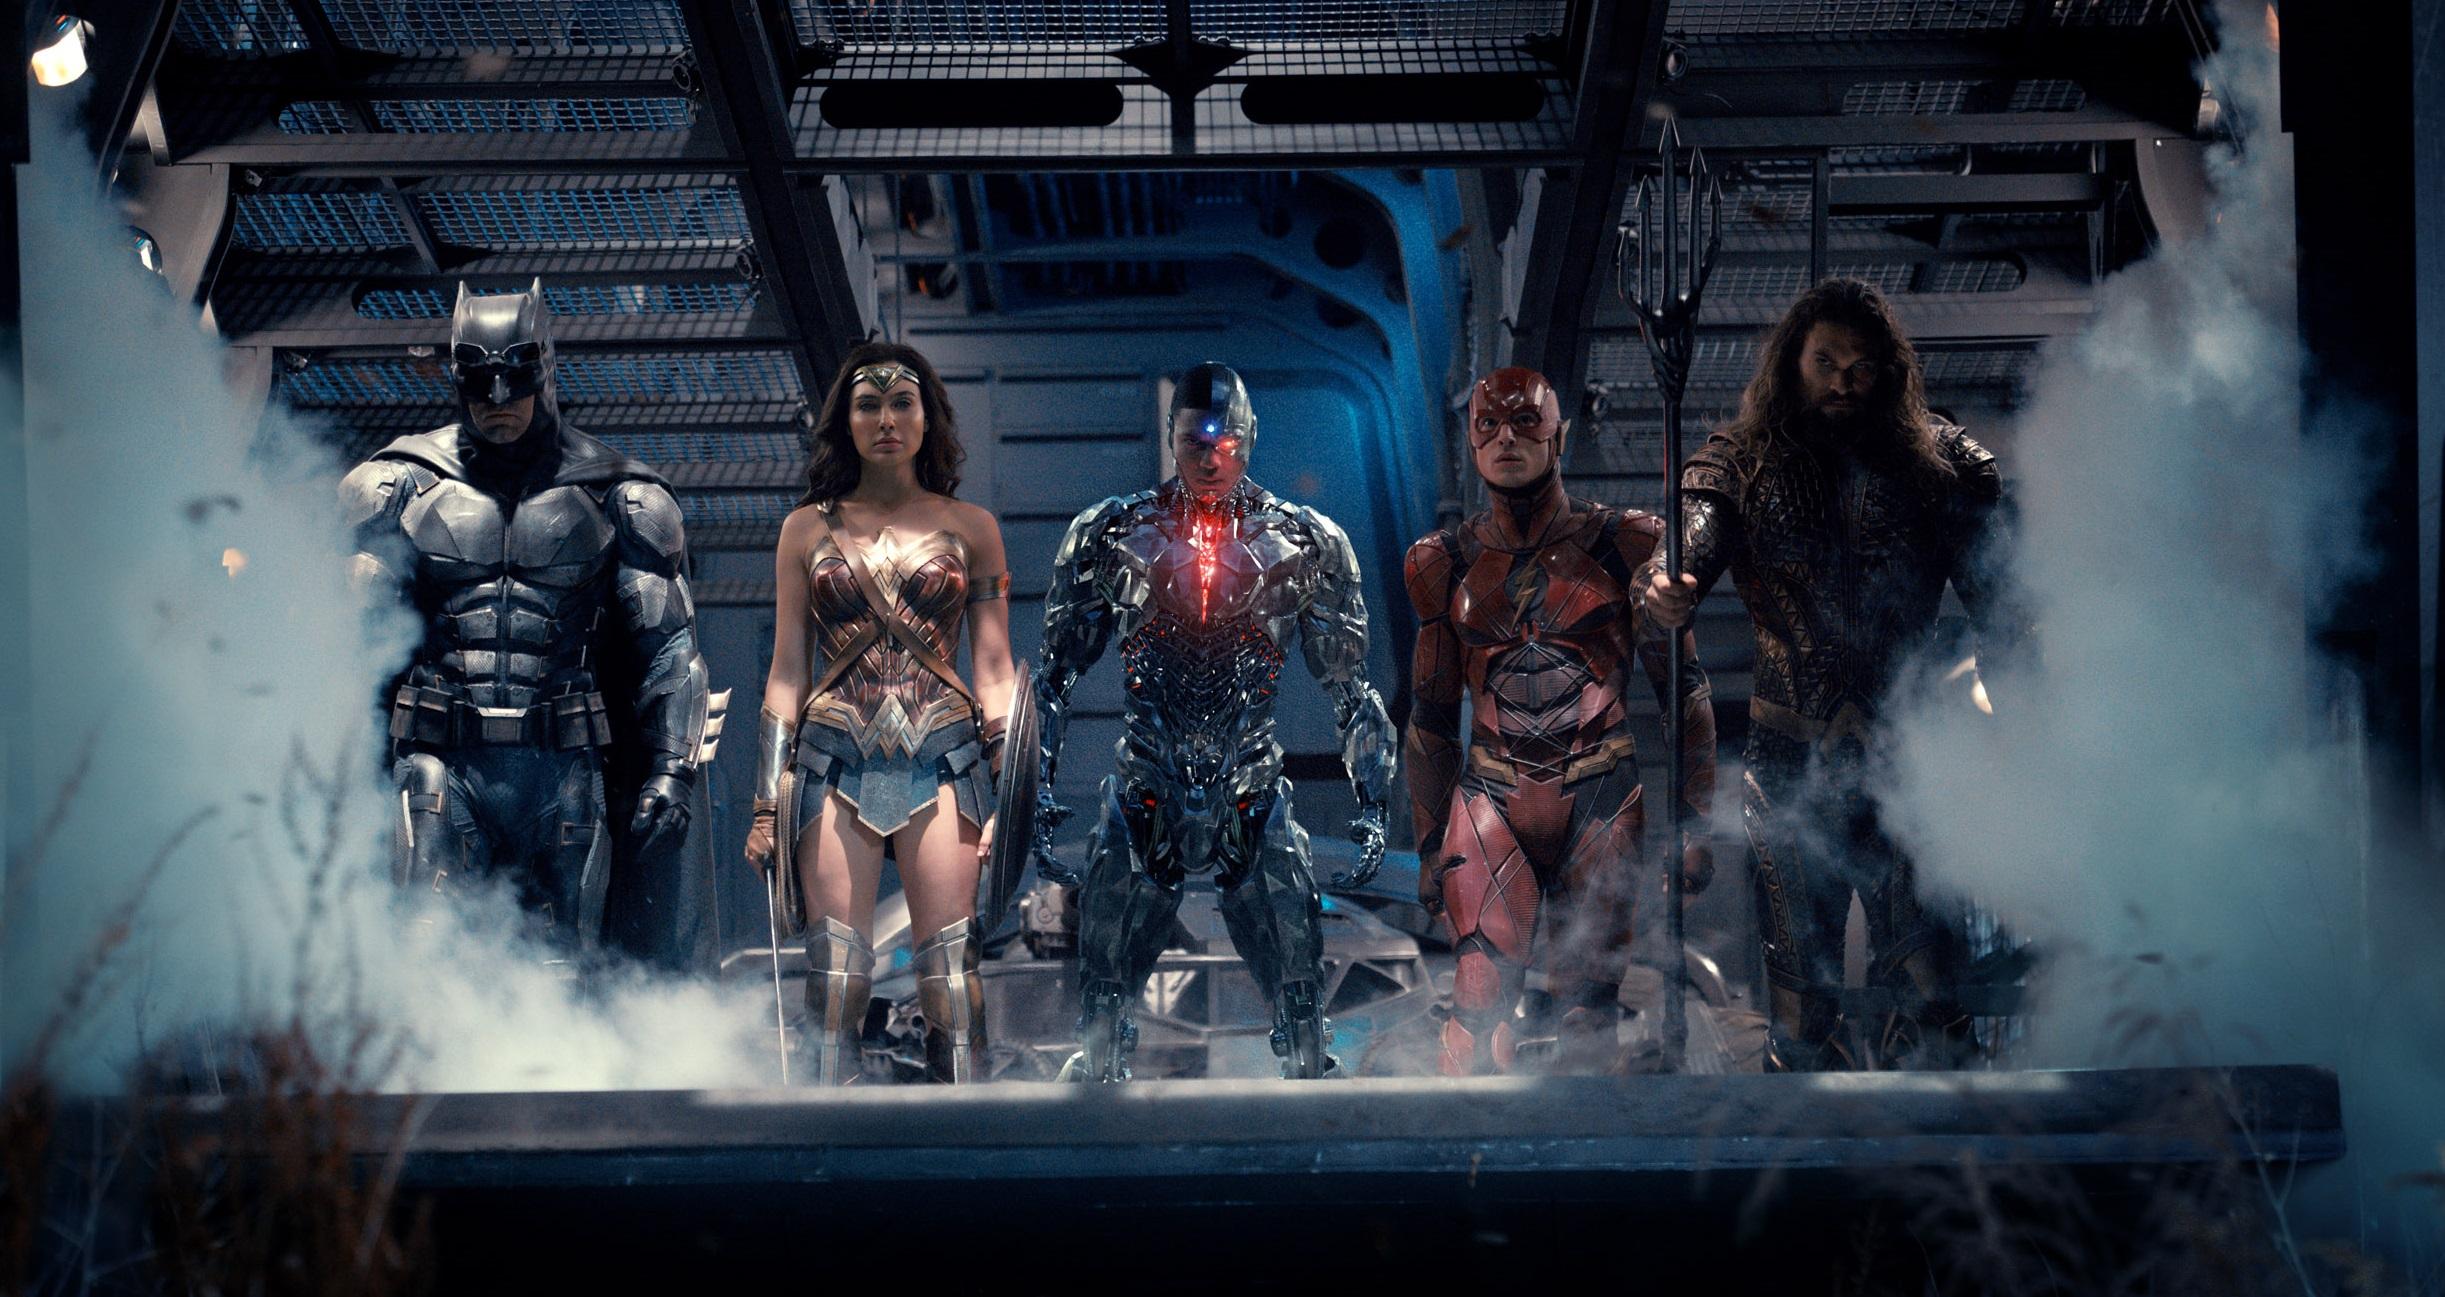 Lộ diện hình ảnh mới về Batman và nhóm siêu anh hùng DC trong Justice League - ảnh 1